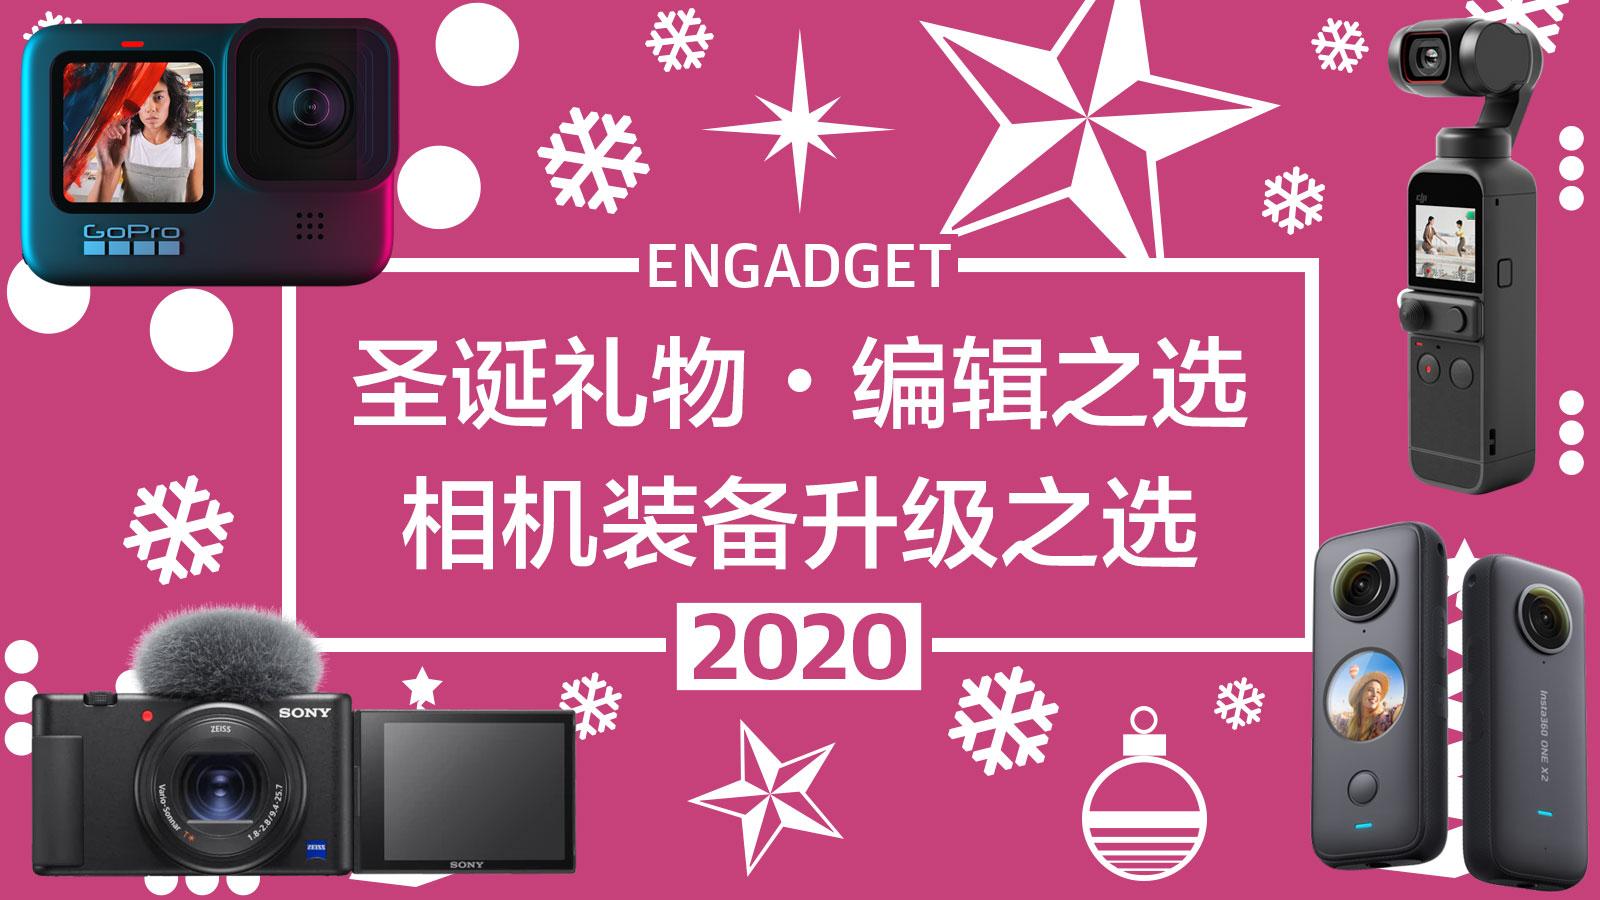 圣诞礼物 2020 编辑之选:相机装备升级之选